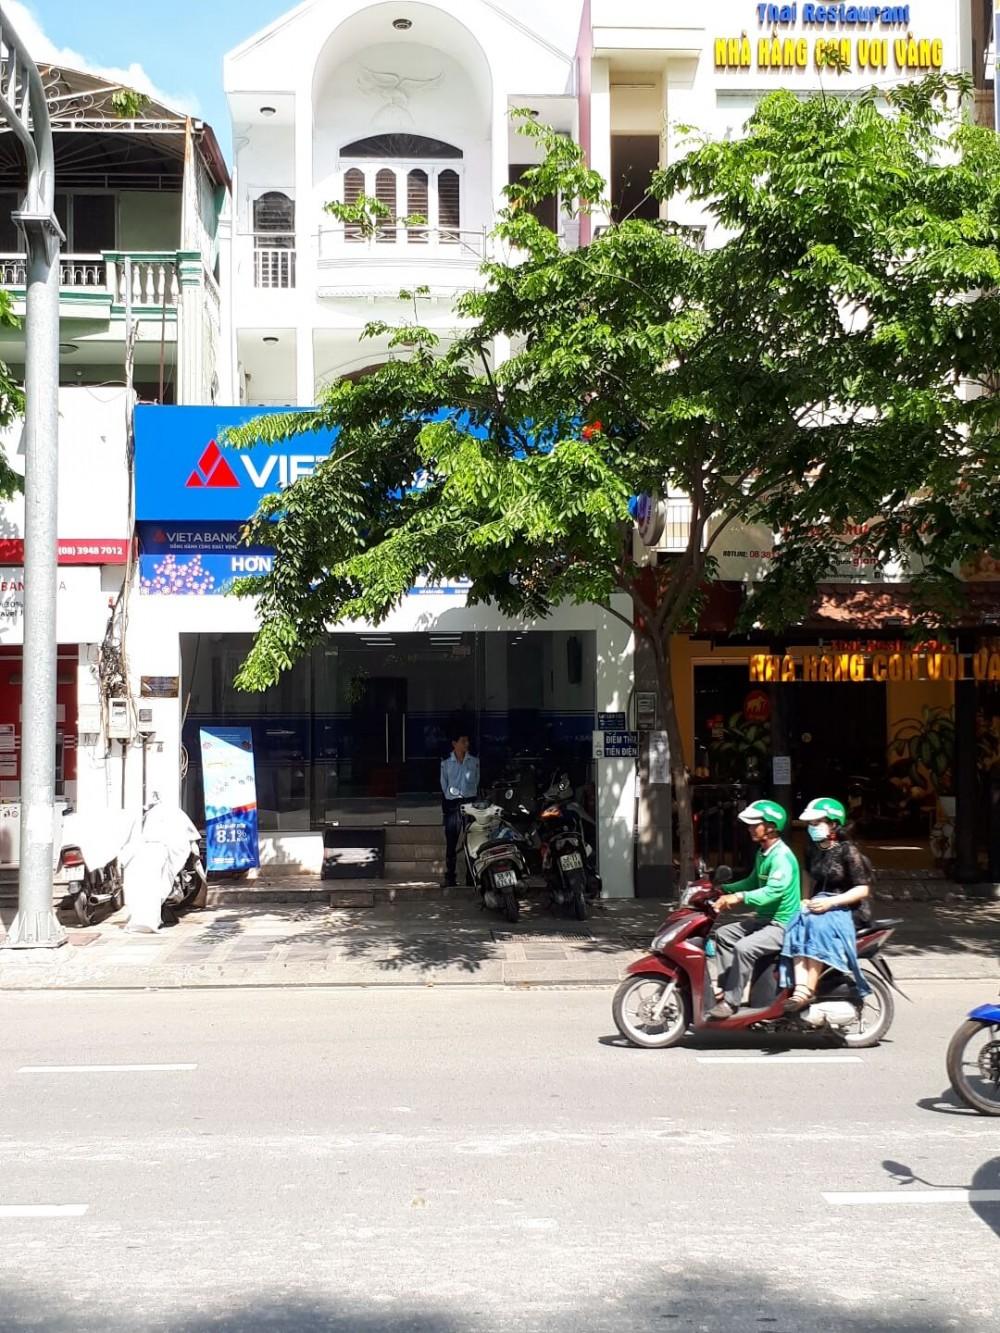 Thông báo: thay đổi địa điểm phòng giao dịch của VAB - Chi nhánh Tân Bình